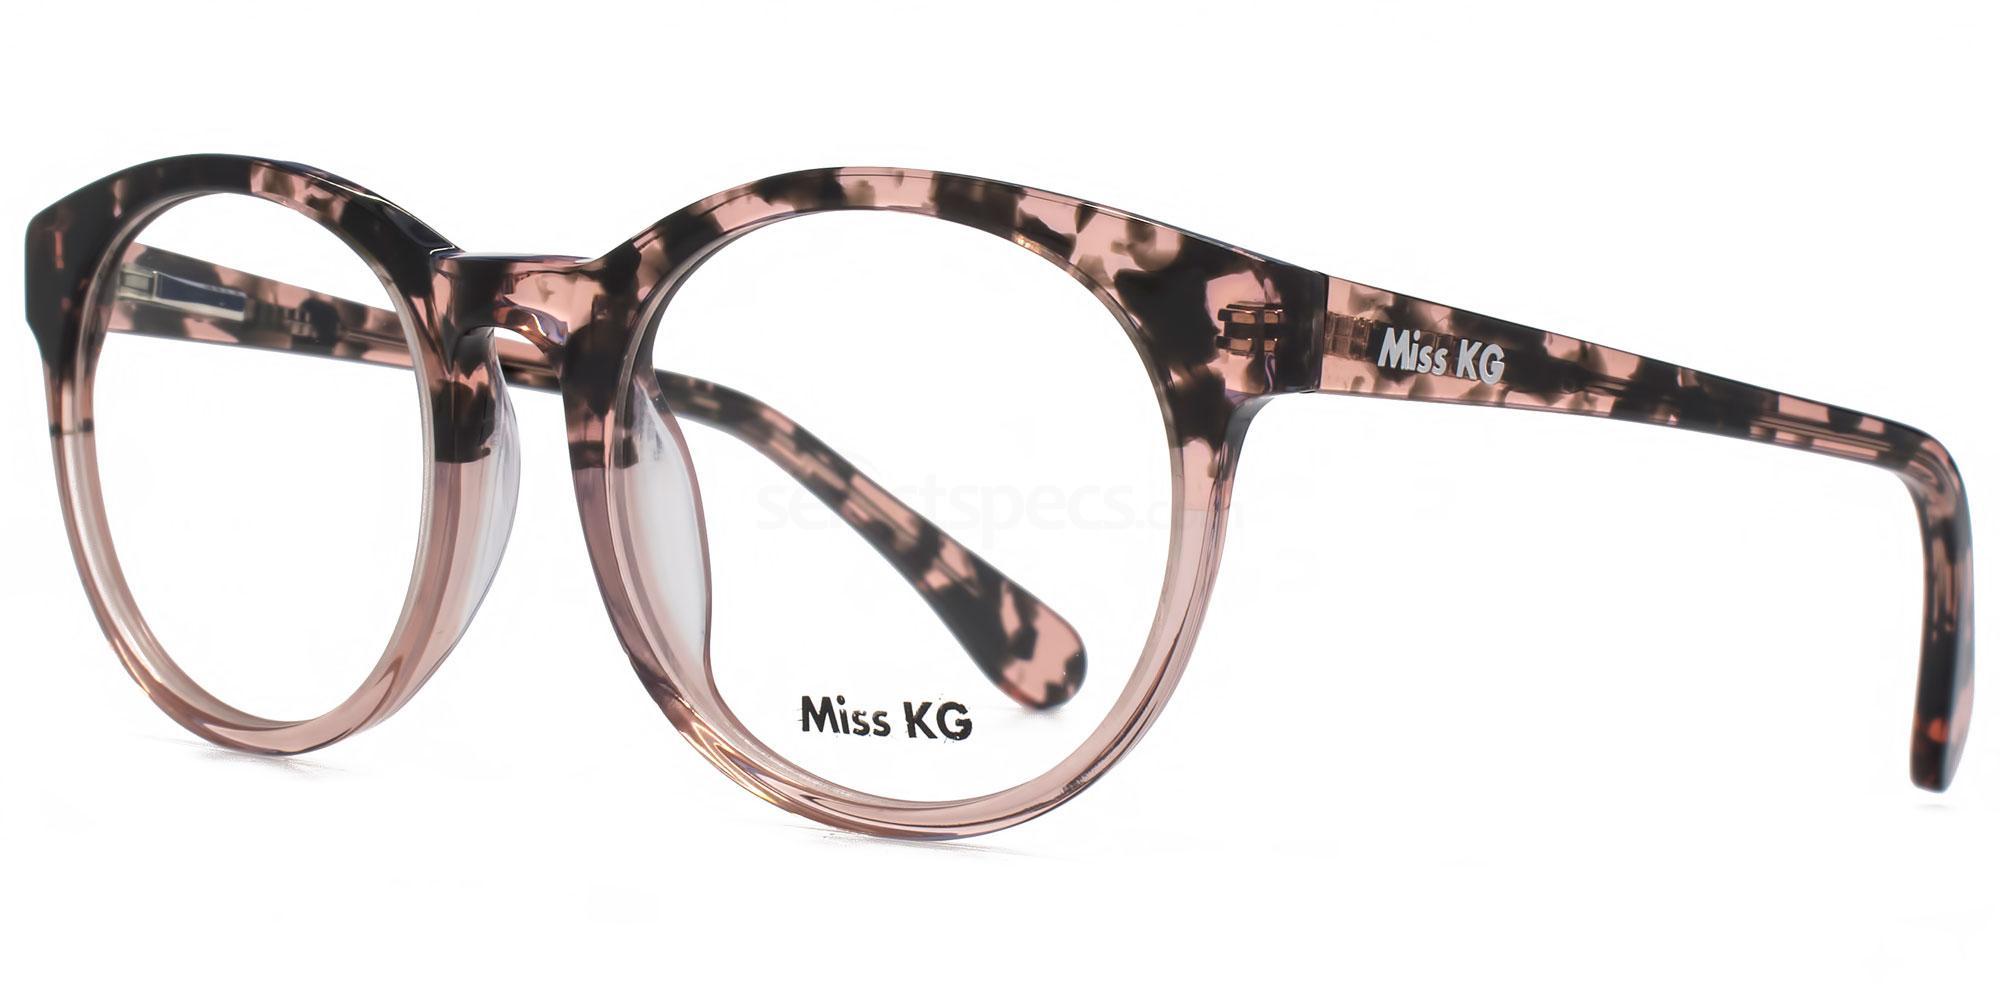 PNK MKGS016 - Bettie Glasses, Miss KG